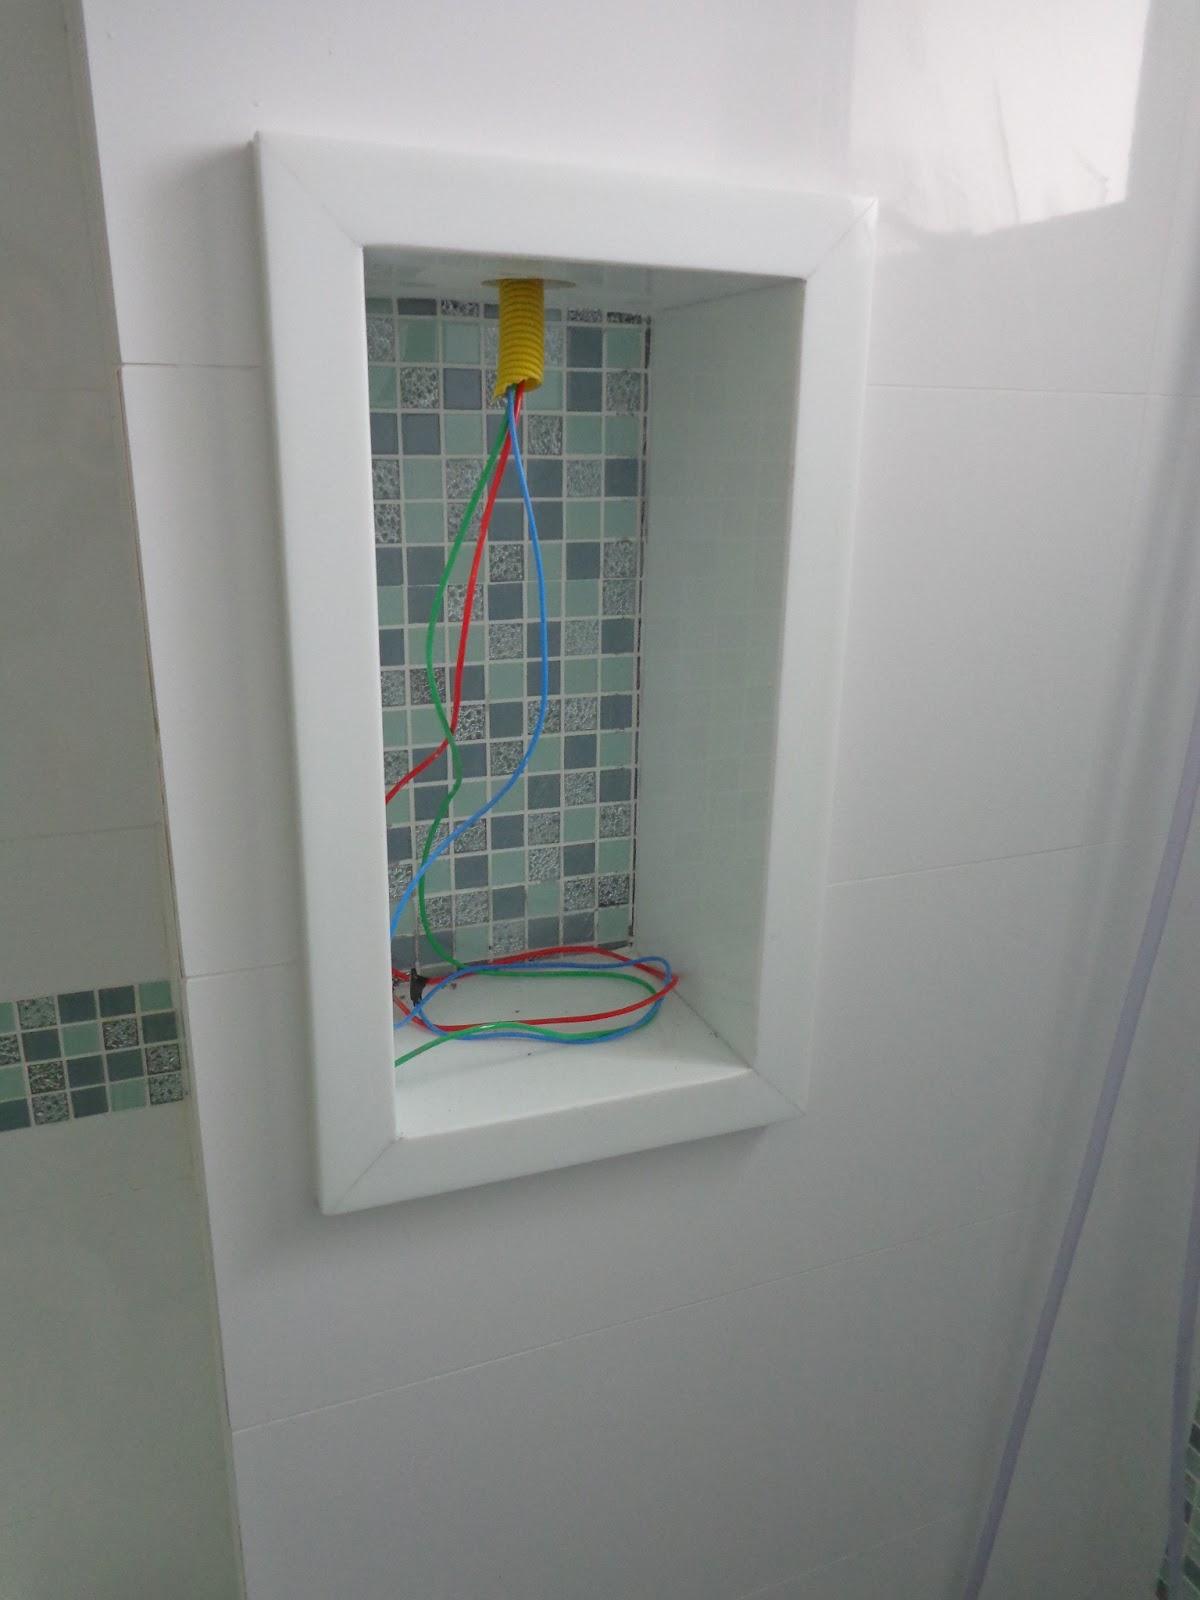 Tai a famosa 'baguetes' Wanessa. rs são duas para o Box elas estão  #73632B 1200x1600 Bancada Banheiro Usada